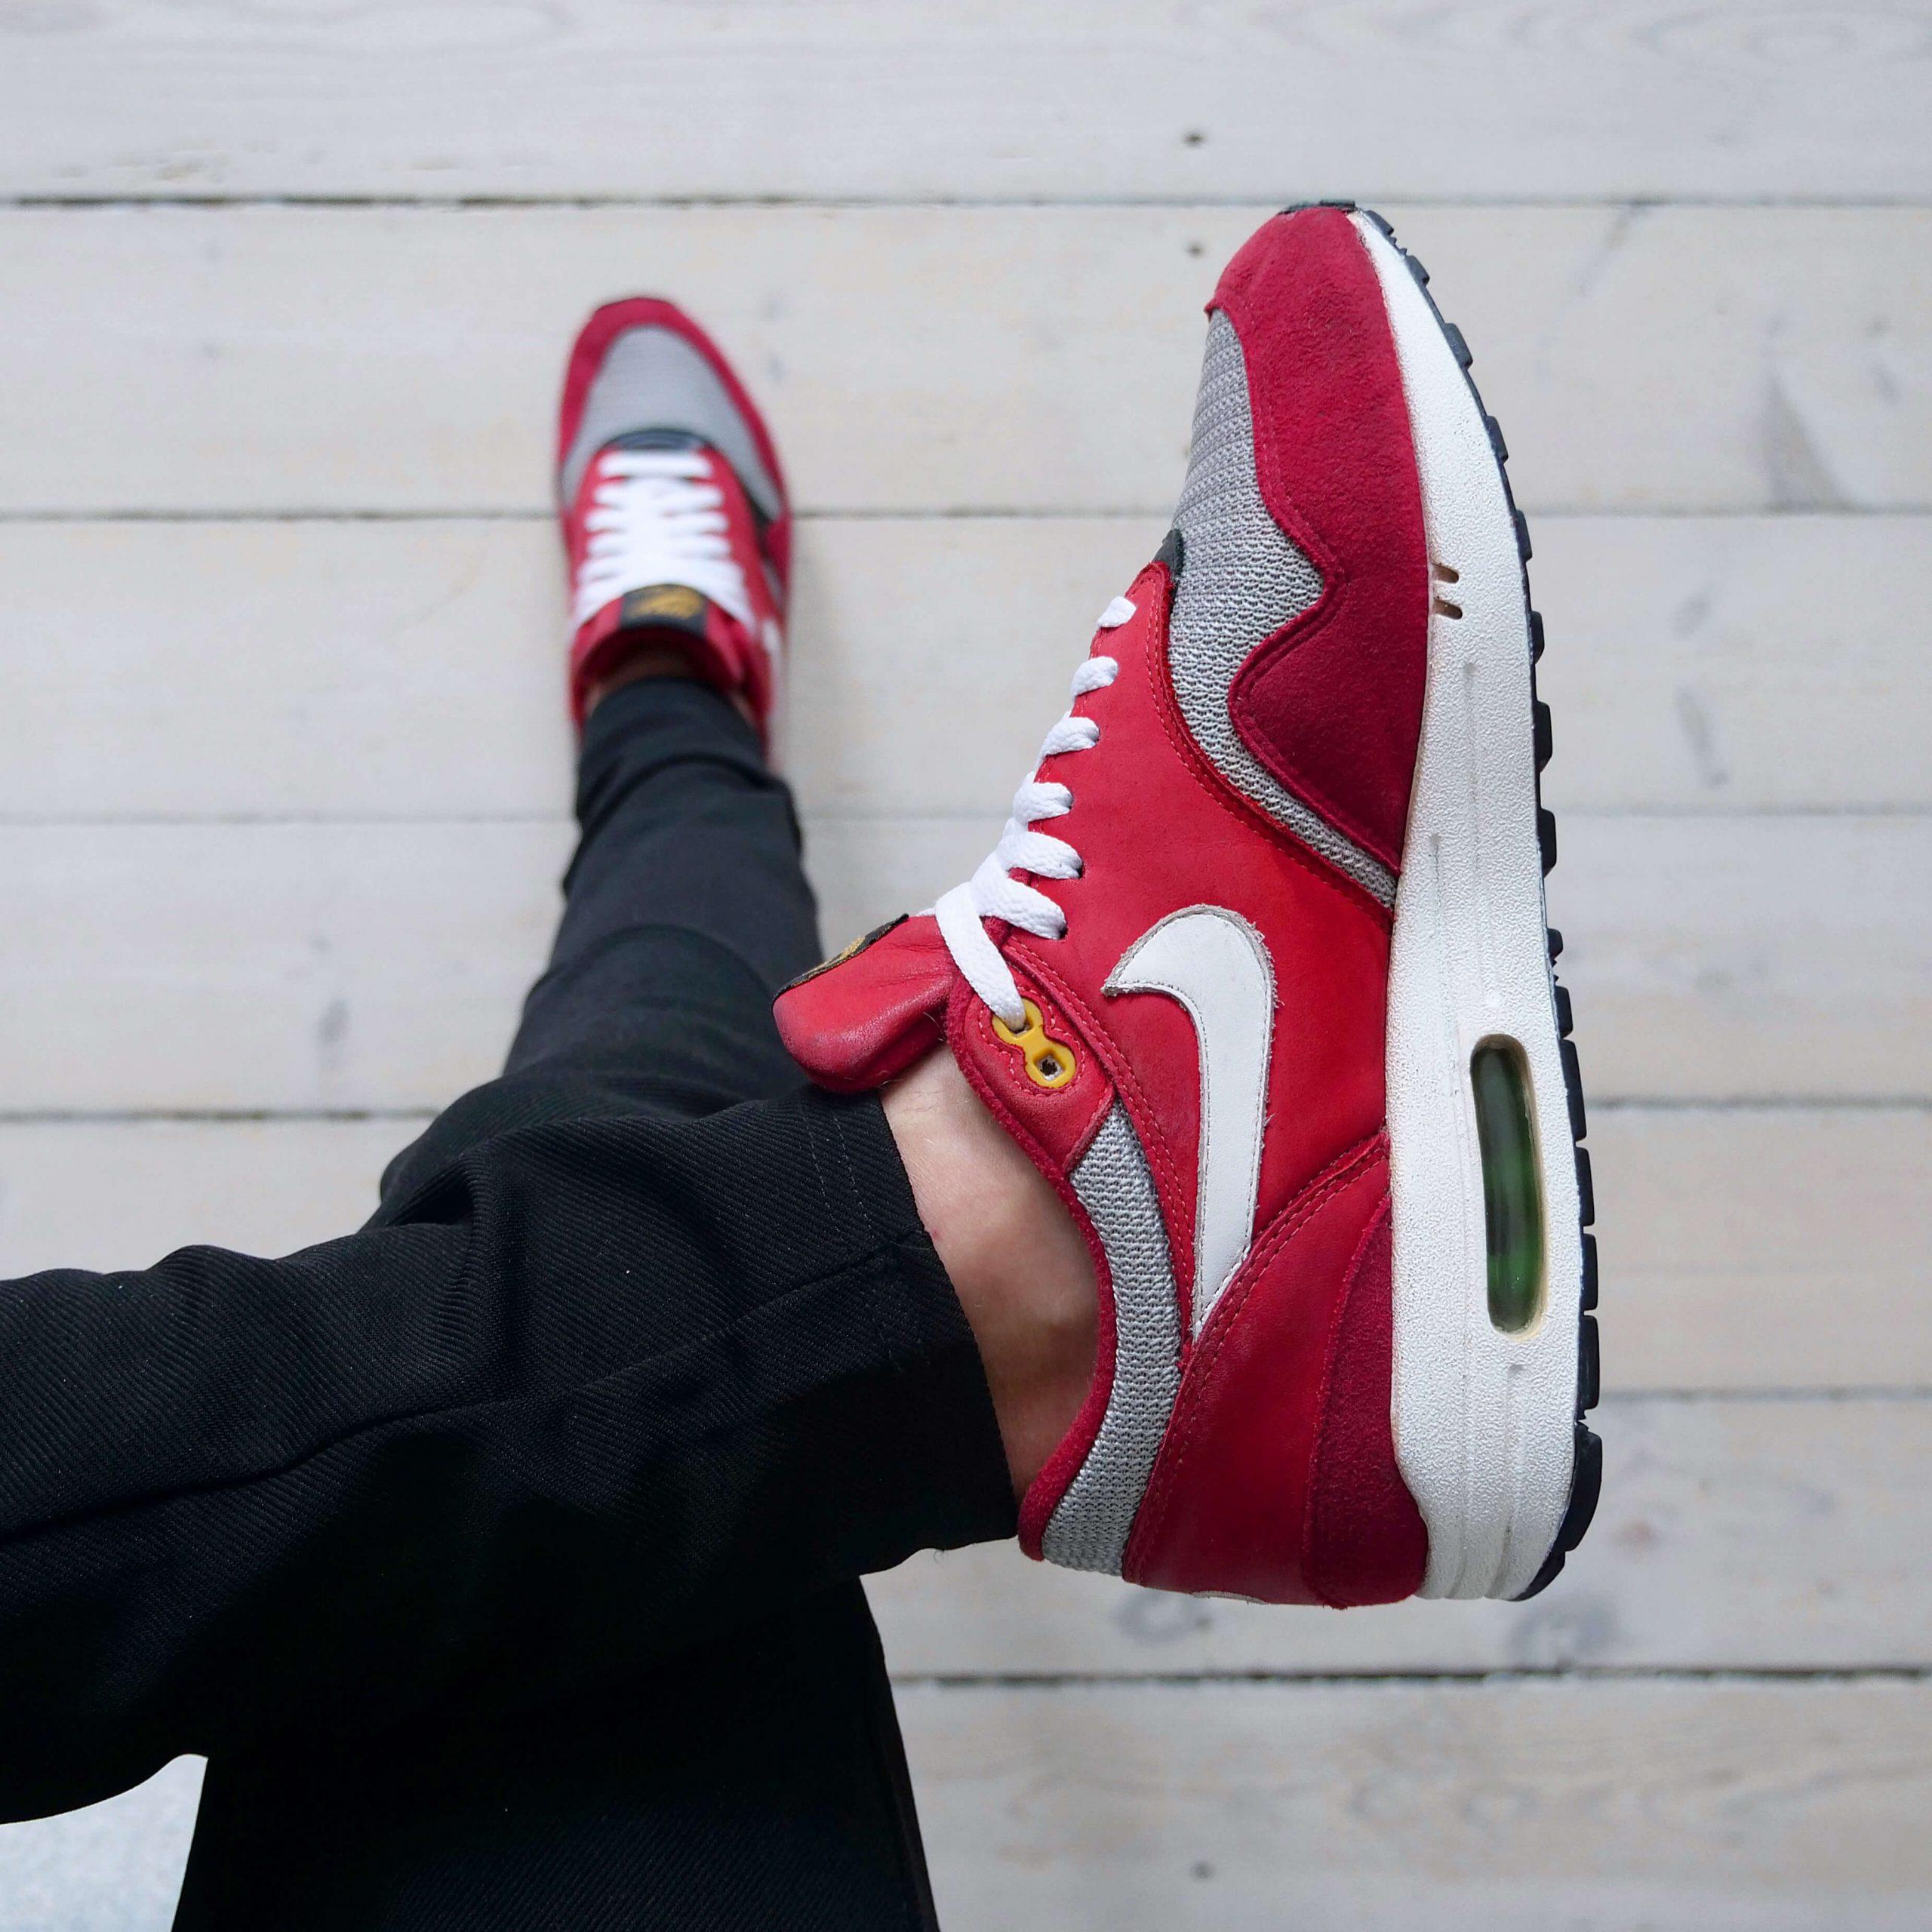 Busterhede - Nike Air Max 1 Urawa - sneakerfreak Sneakerplaats interview